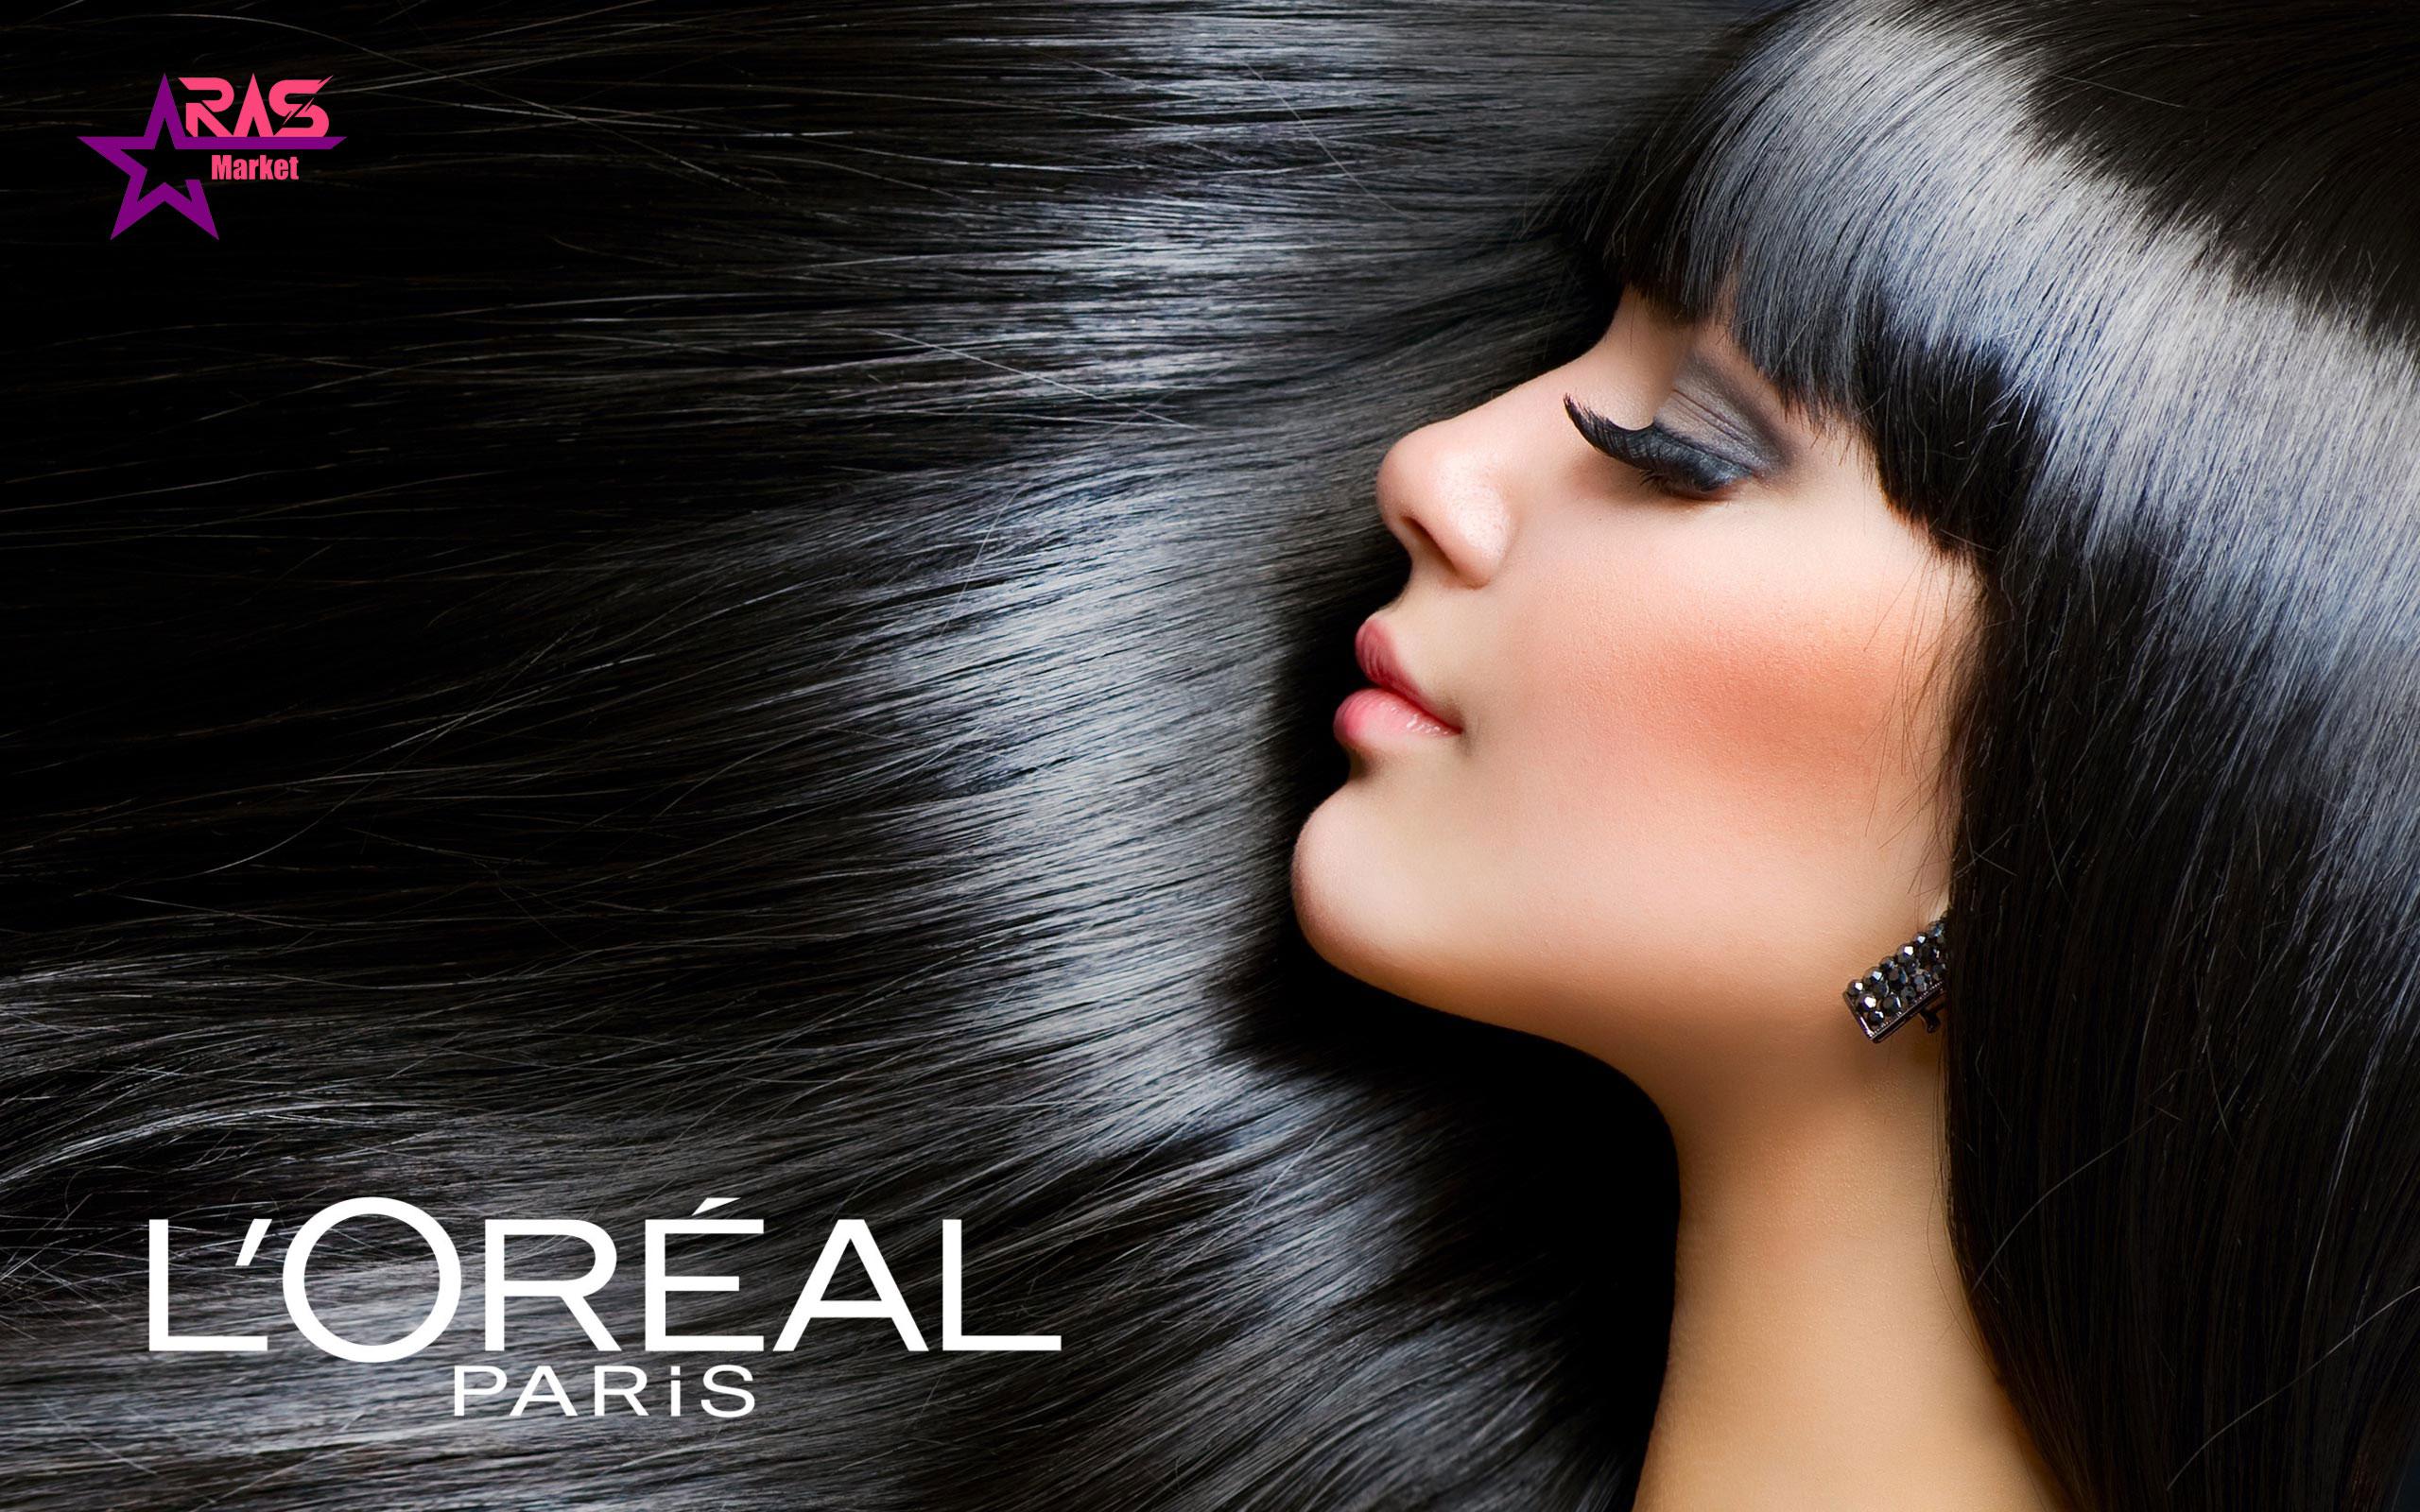 کیت رنگ مو لورآل سری Excellence شماره 2 ، خرید اینترنتی محصولات شوینده و بهداشتی ، بهداشت بانوان ، رنگ موی بانوان